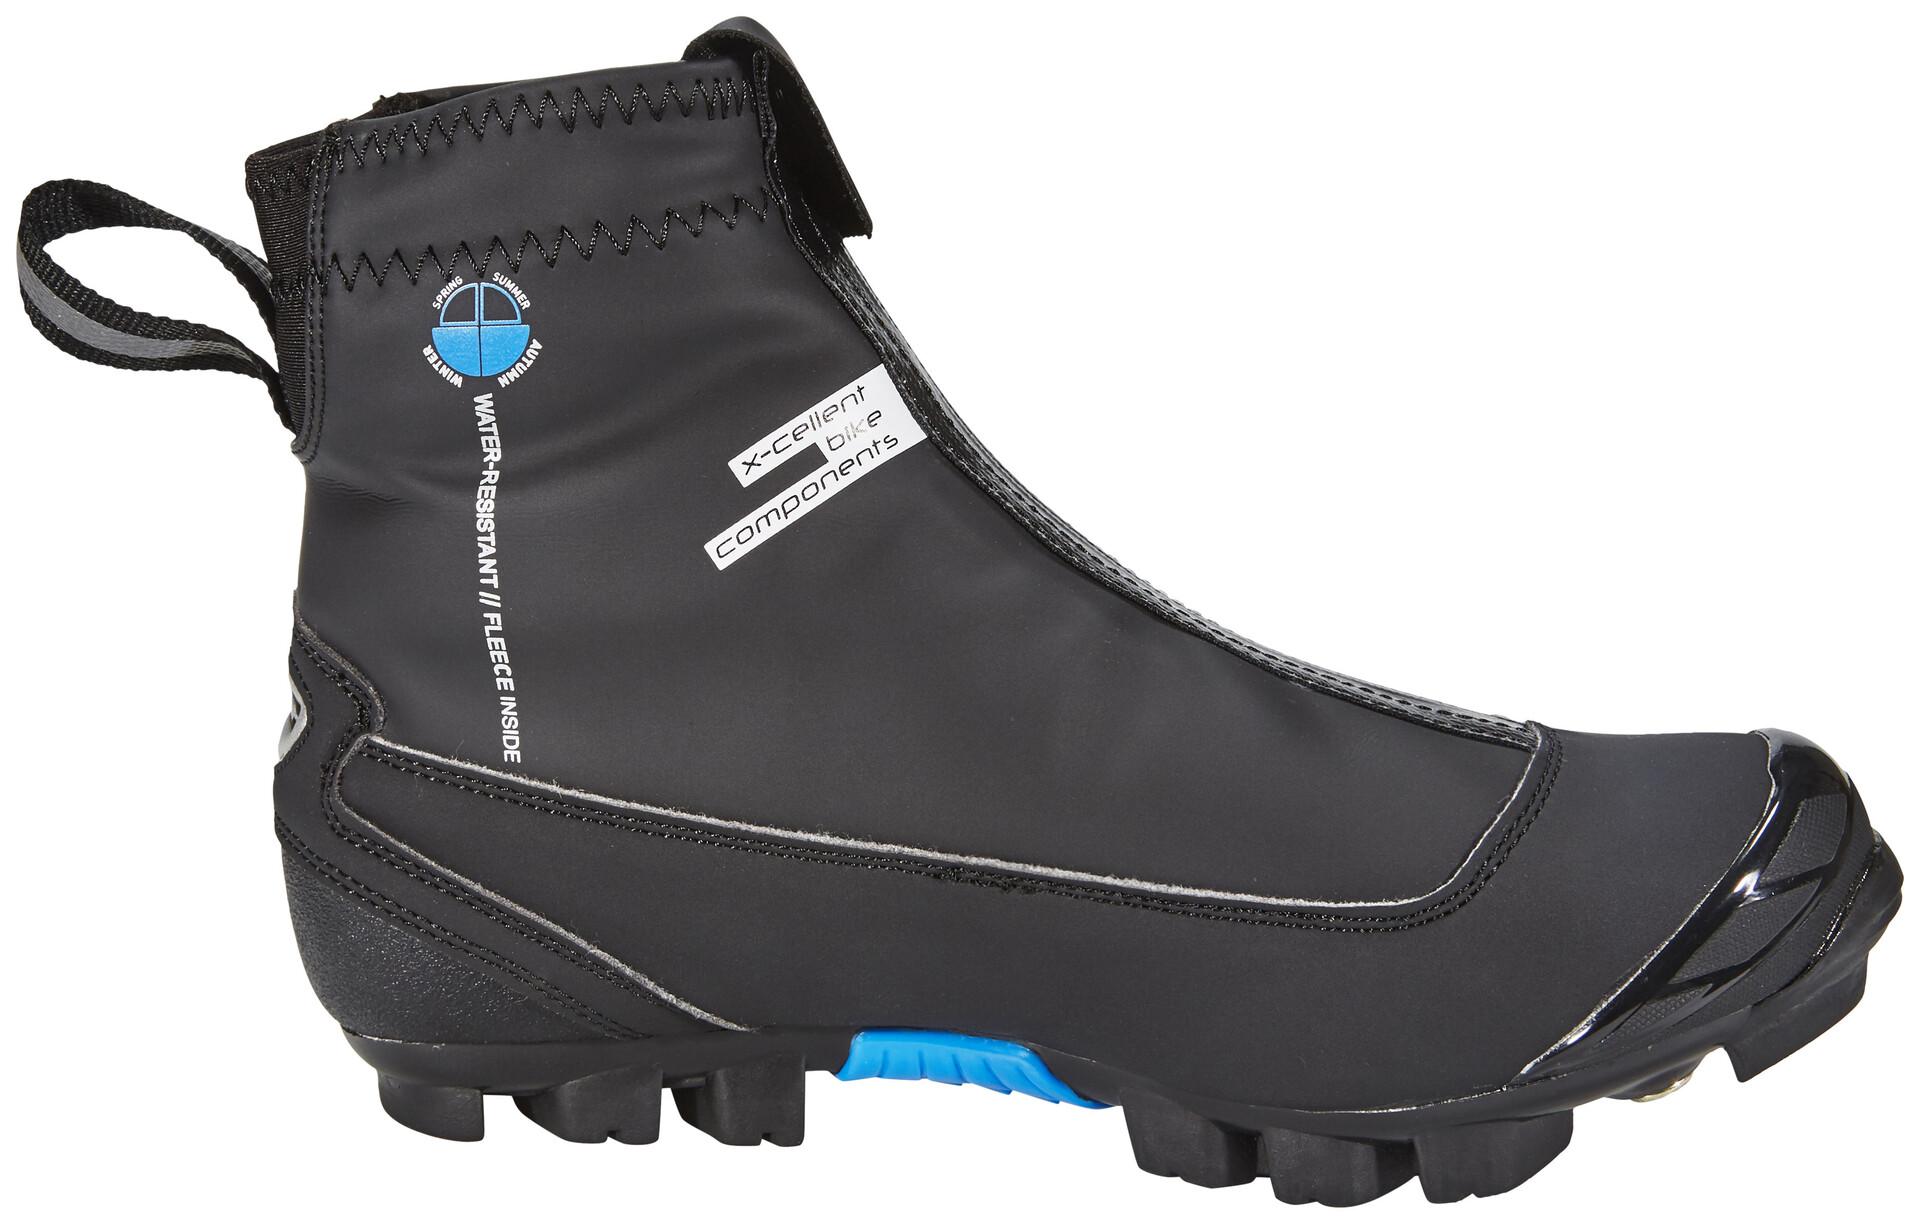 XLC hiver-shoes Vélo Chaussures cb-m07 taille 47 Noir